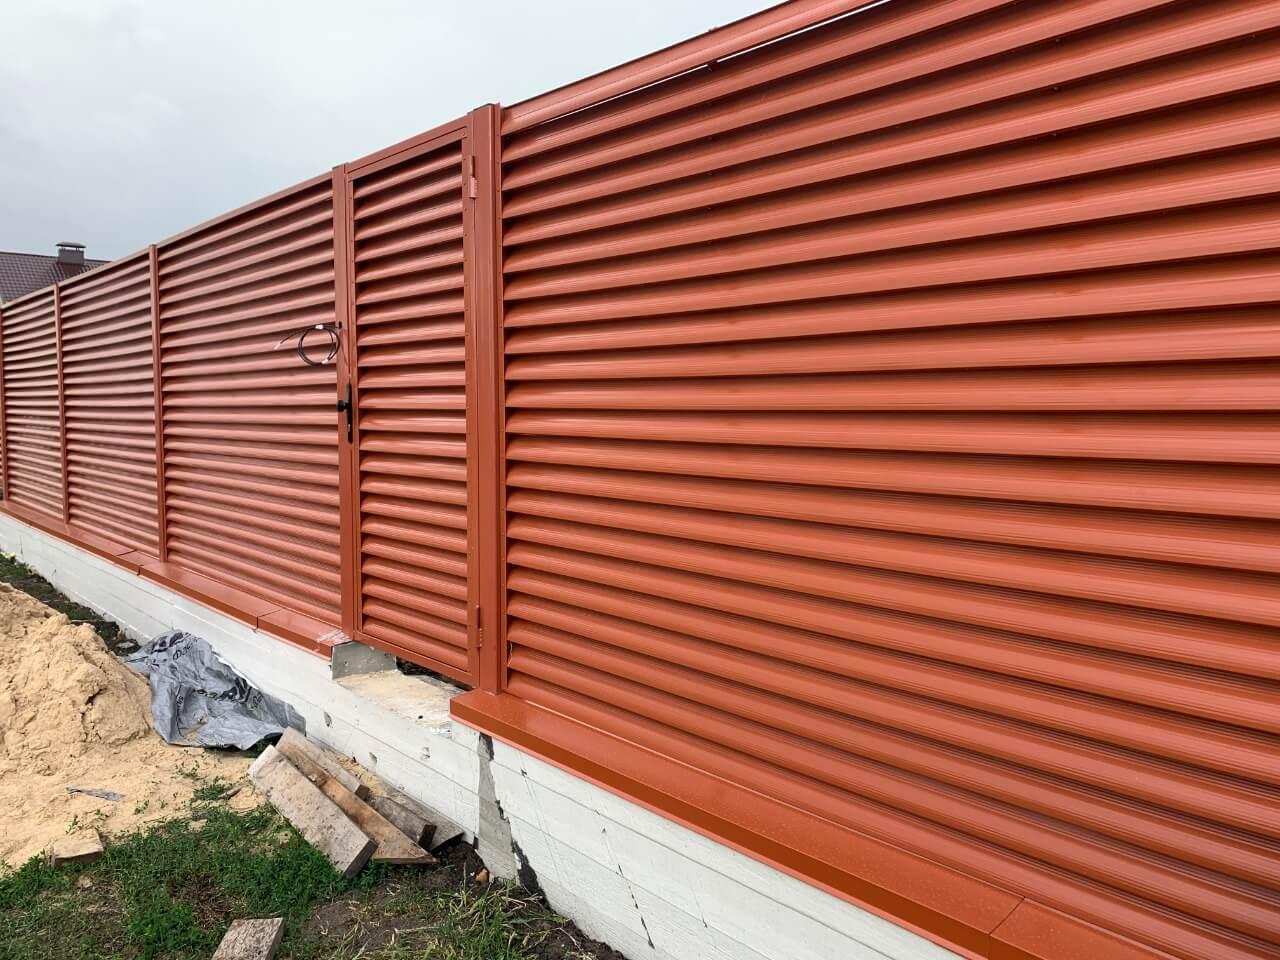 забор-жалюзи терракотовый фото7